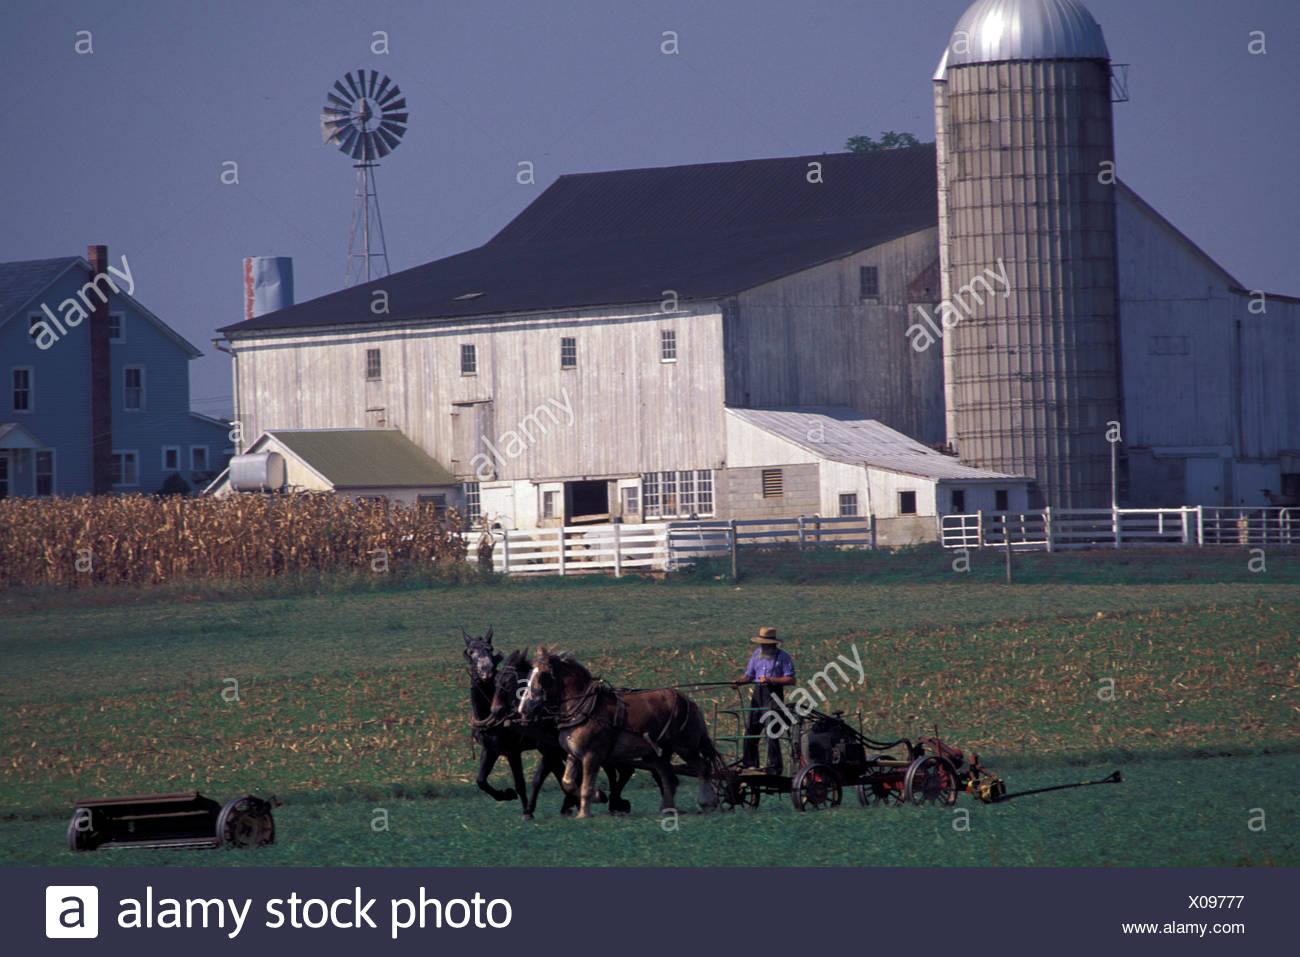 alten altmodischen amische Landwirte Käfige Pferde Feld Bauernhof Landwirtschaft Religion Christentum Lancaster County Phil Stockbild